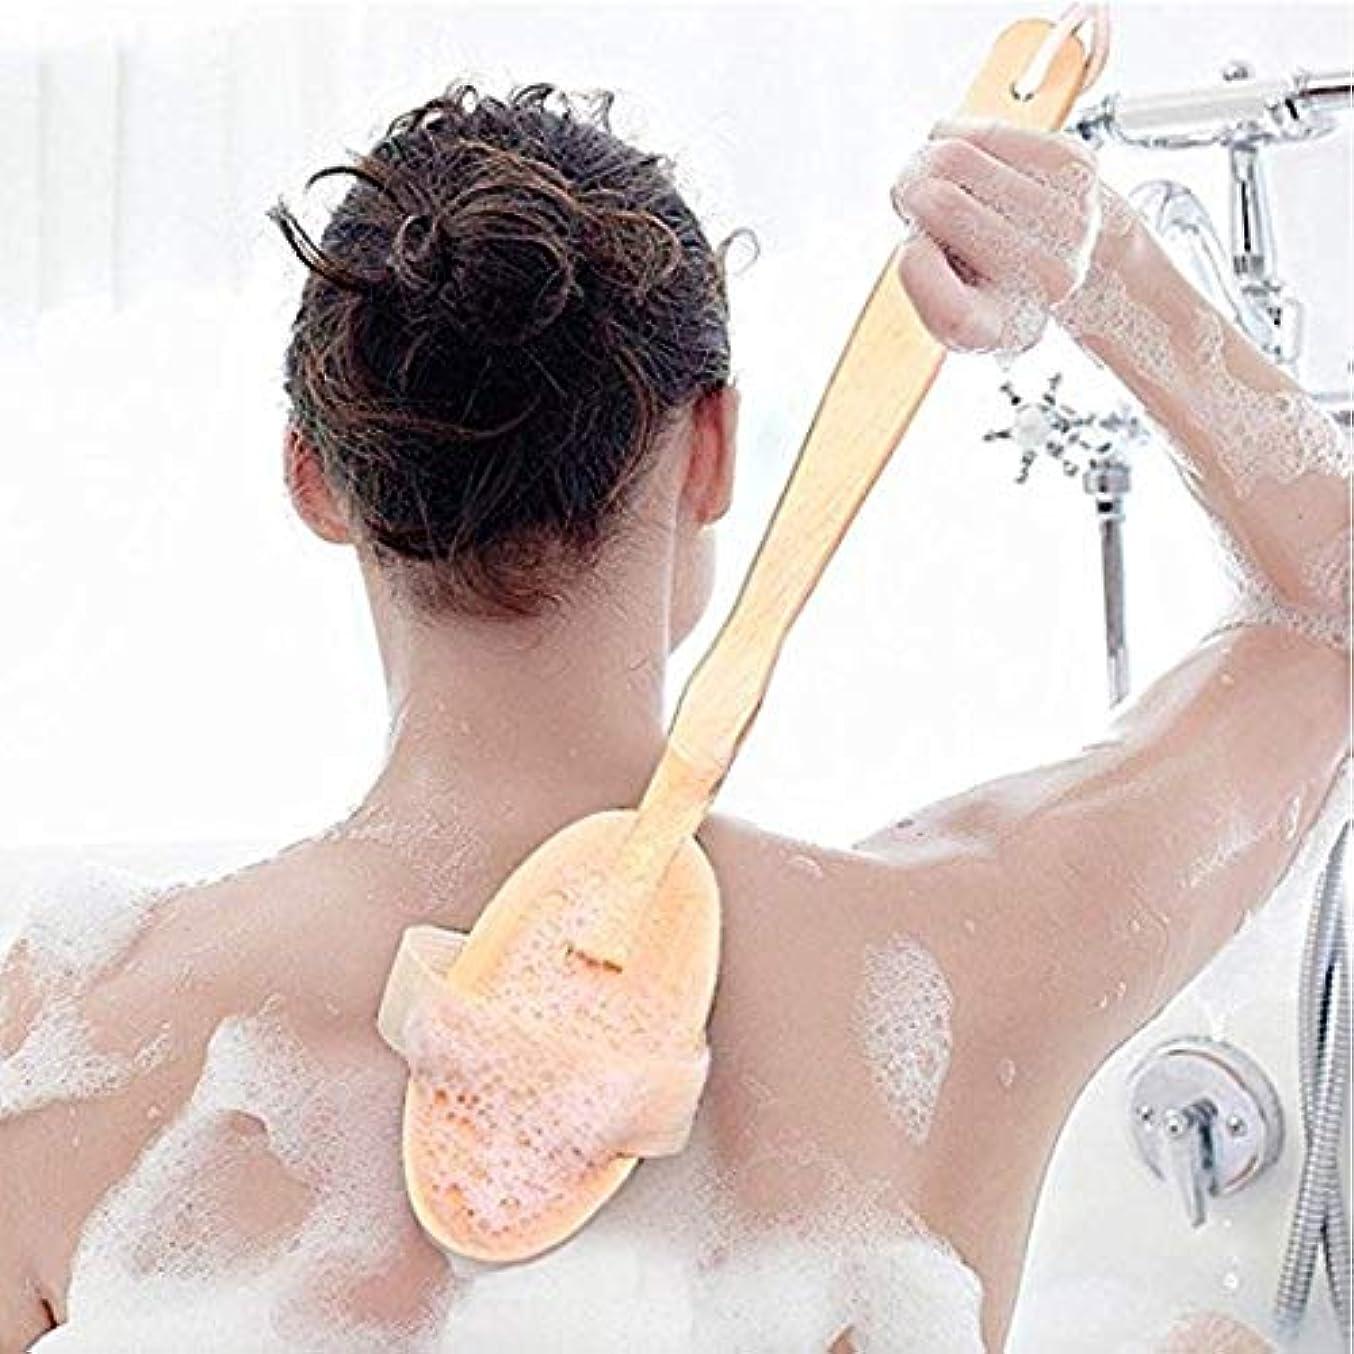 レバー発疹危険にさらされているicey 木製 長柄 入浴ブラシ お風呂の神器 ブラシ 入浴ブラシ ブタのたらいブラシ 軟毛 背中をこす 背中長柄ボディブラシ高級木製豚毛入浴ブラシ美肌効果むくみ改善